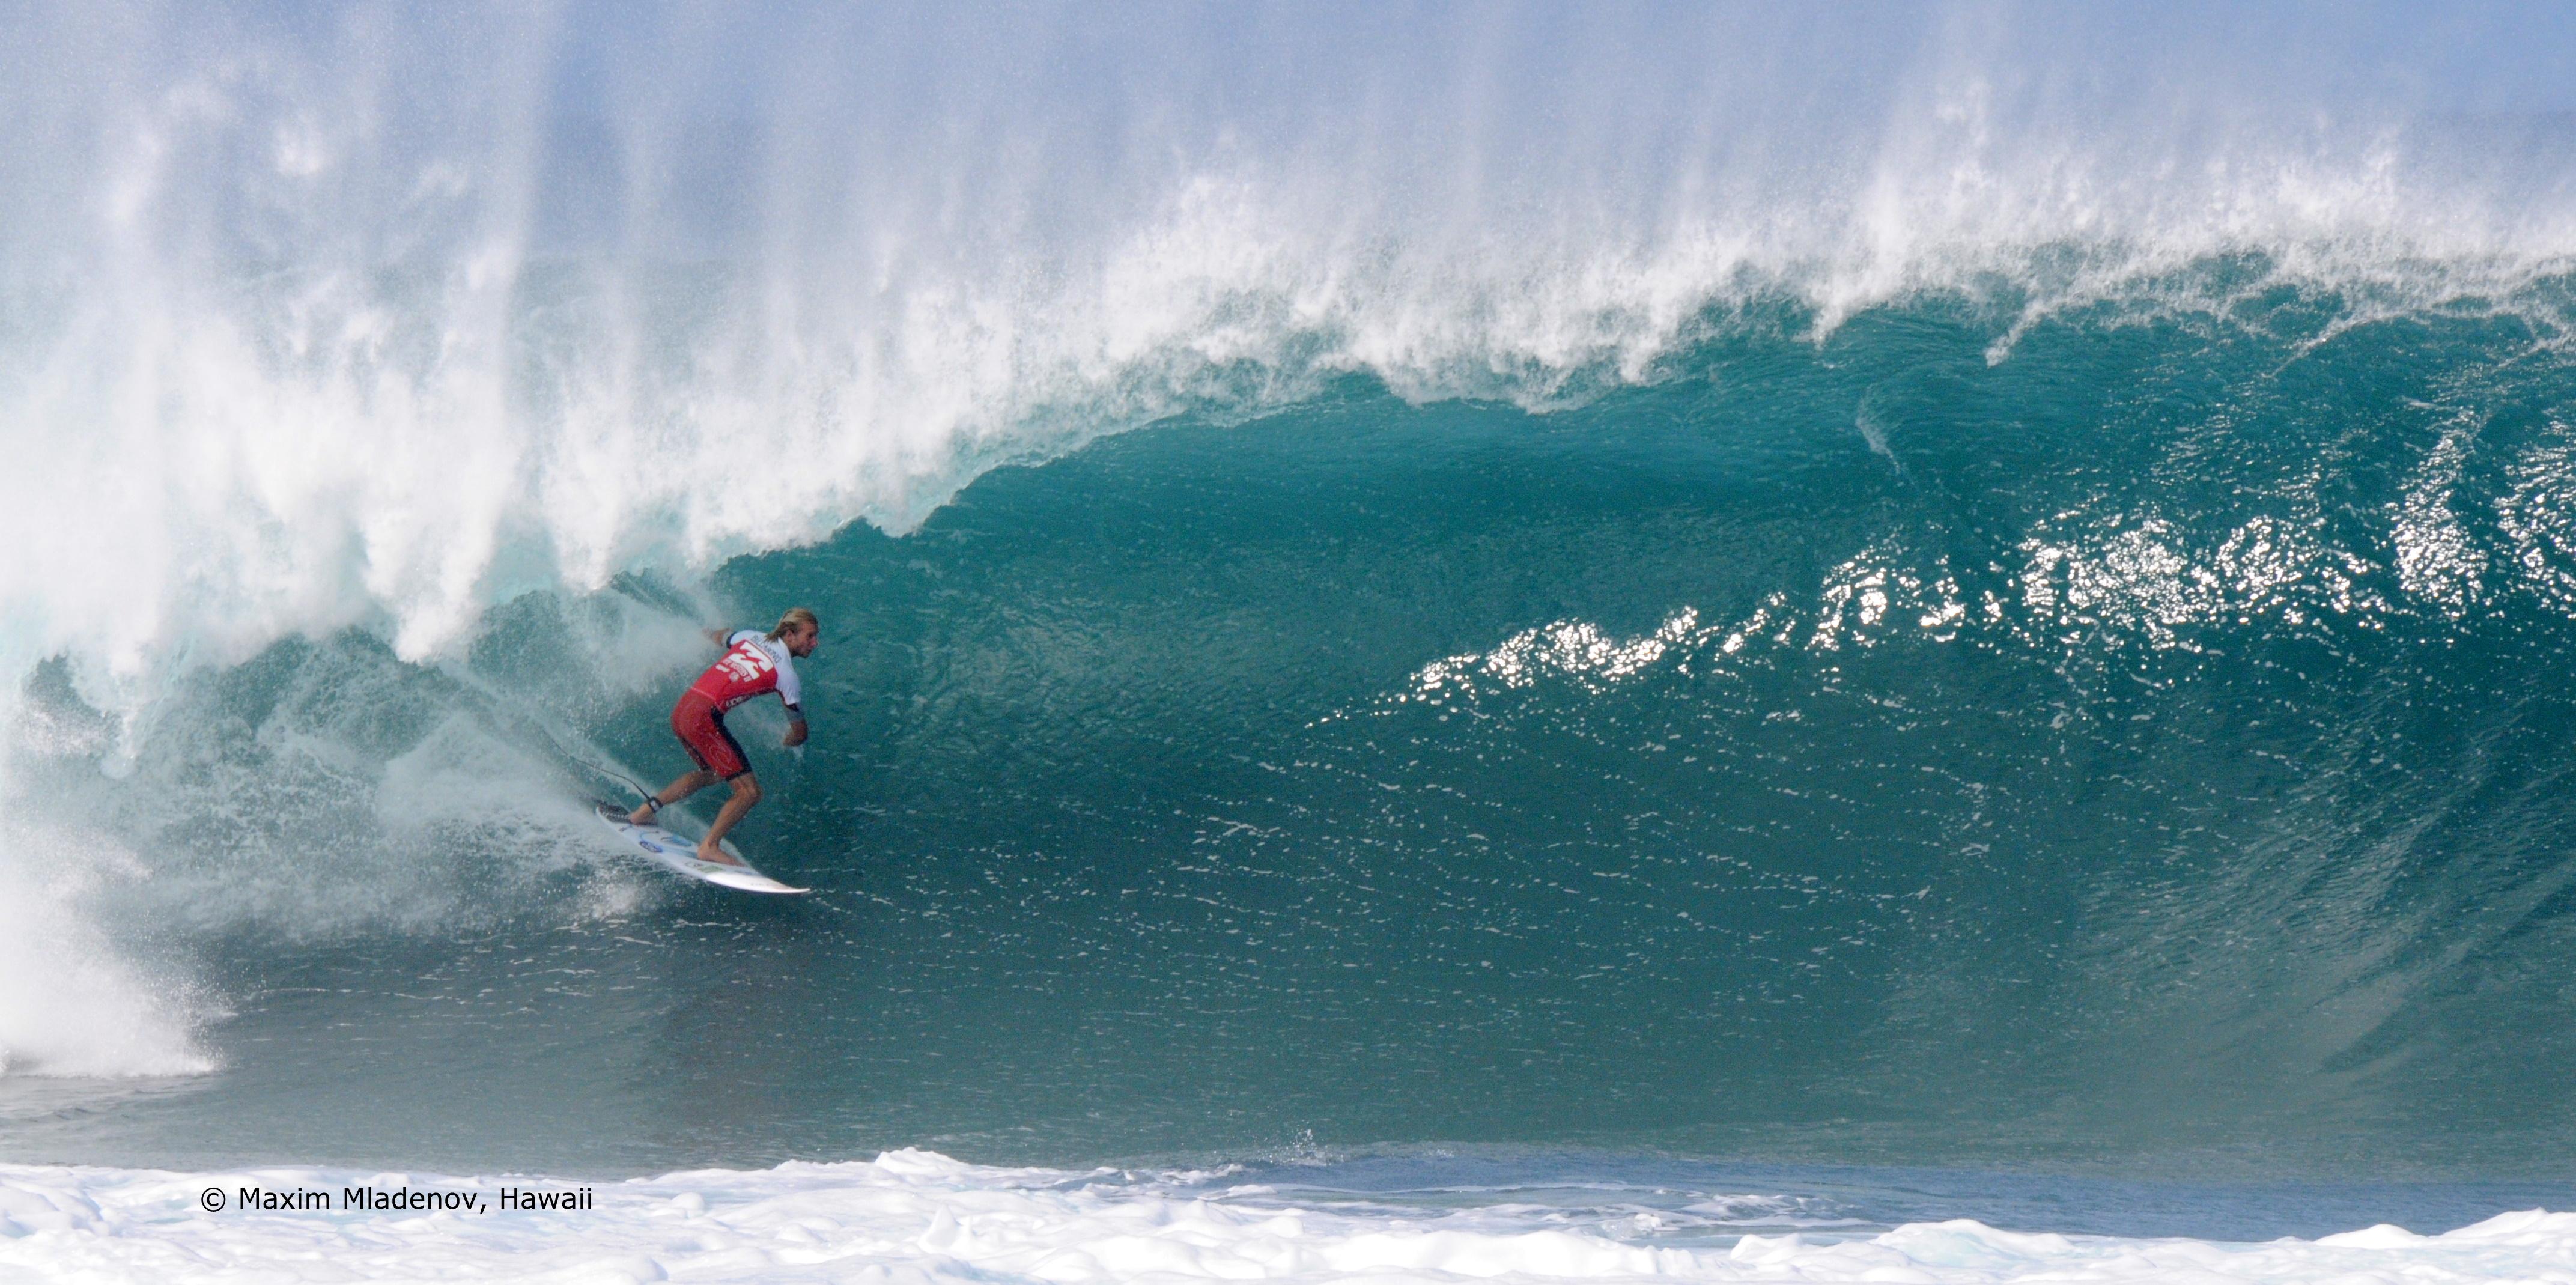 Owen Wright attaque fort dans son round 9 face à Evan Valiere (HAW) qui charge très fort aussi de son côté, le 09-12-2011 © Maxim Mladenov, Hawaii